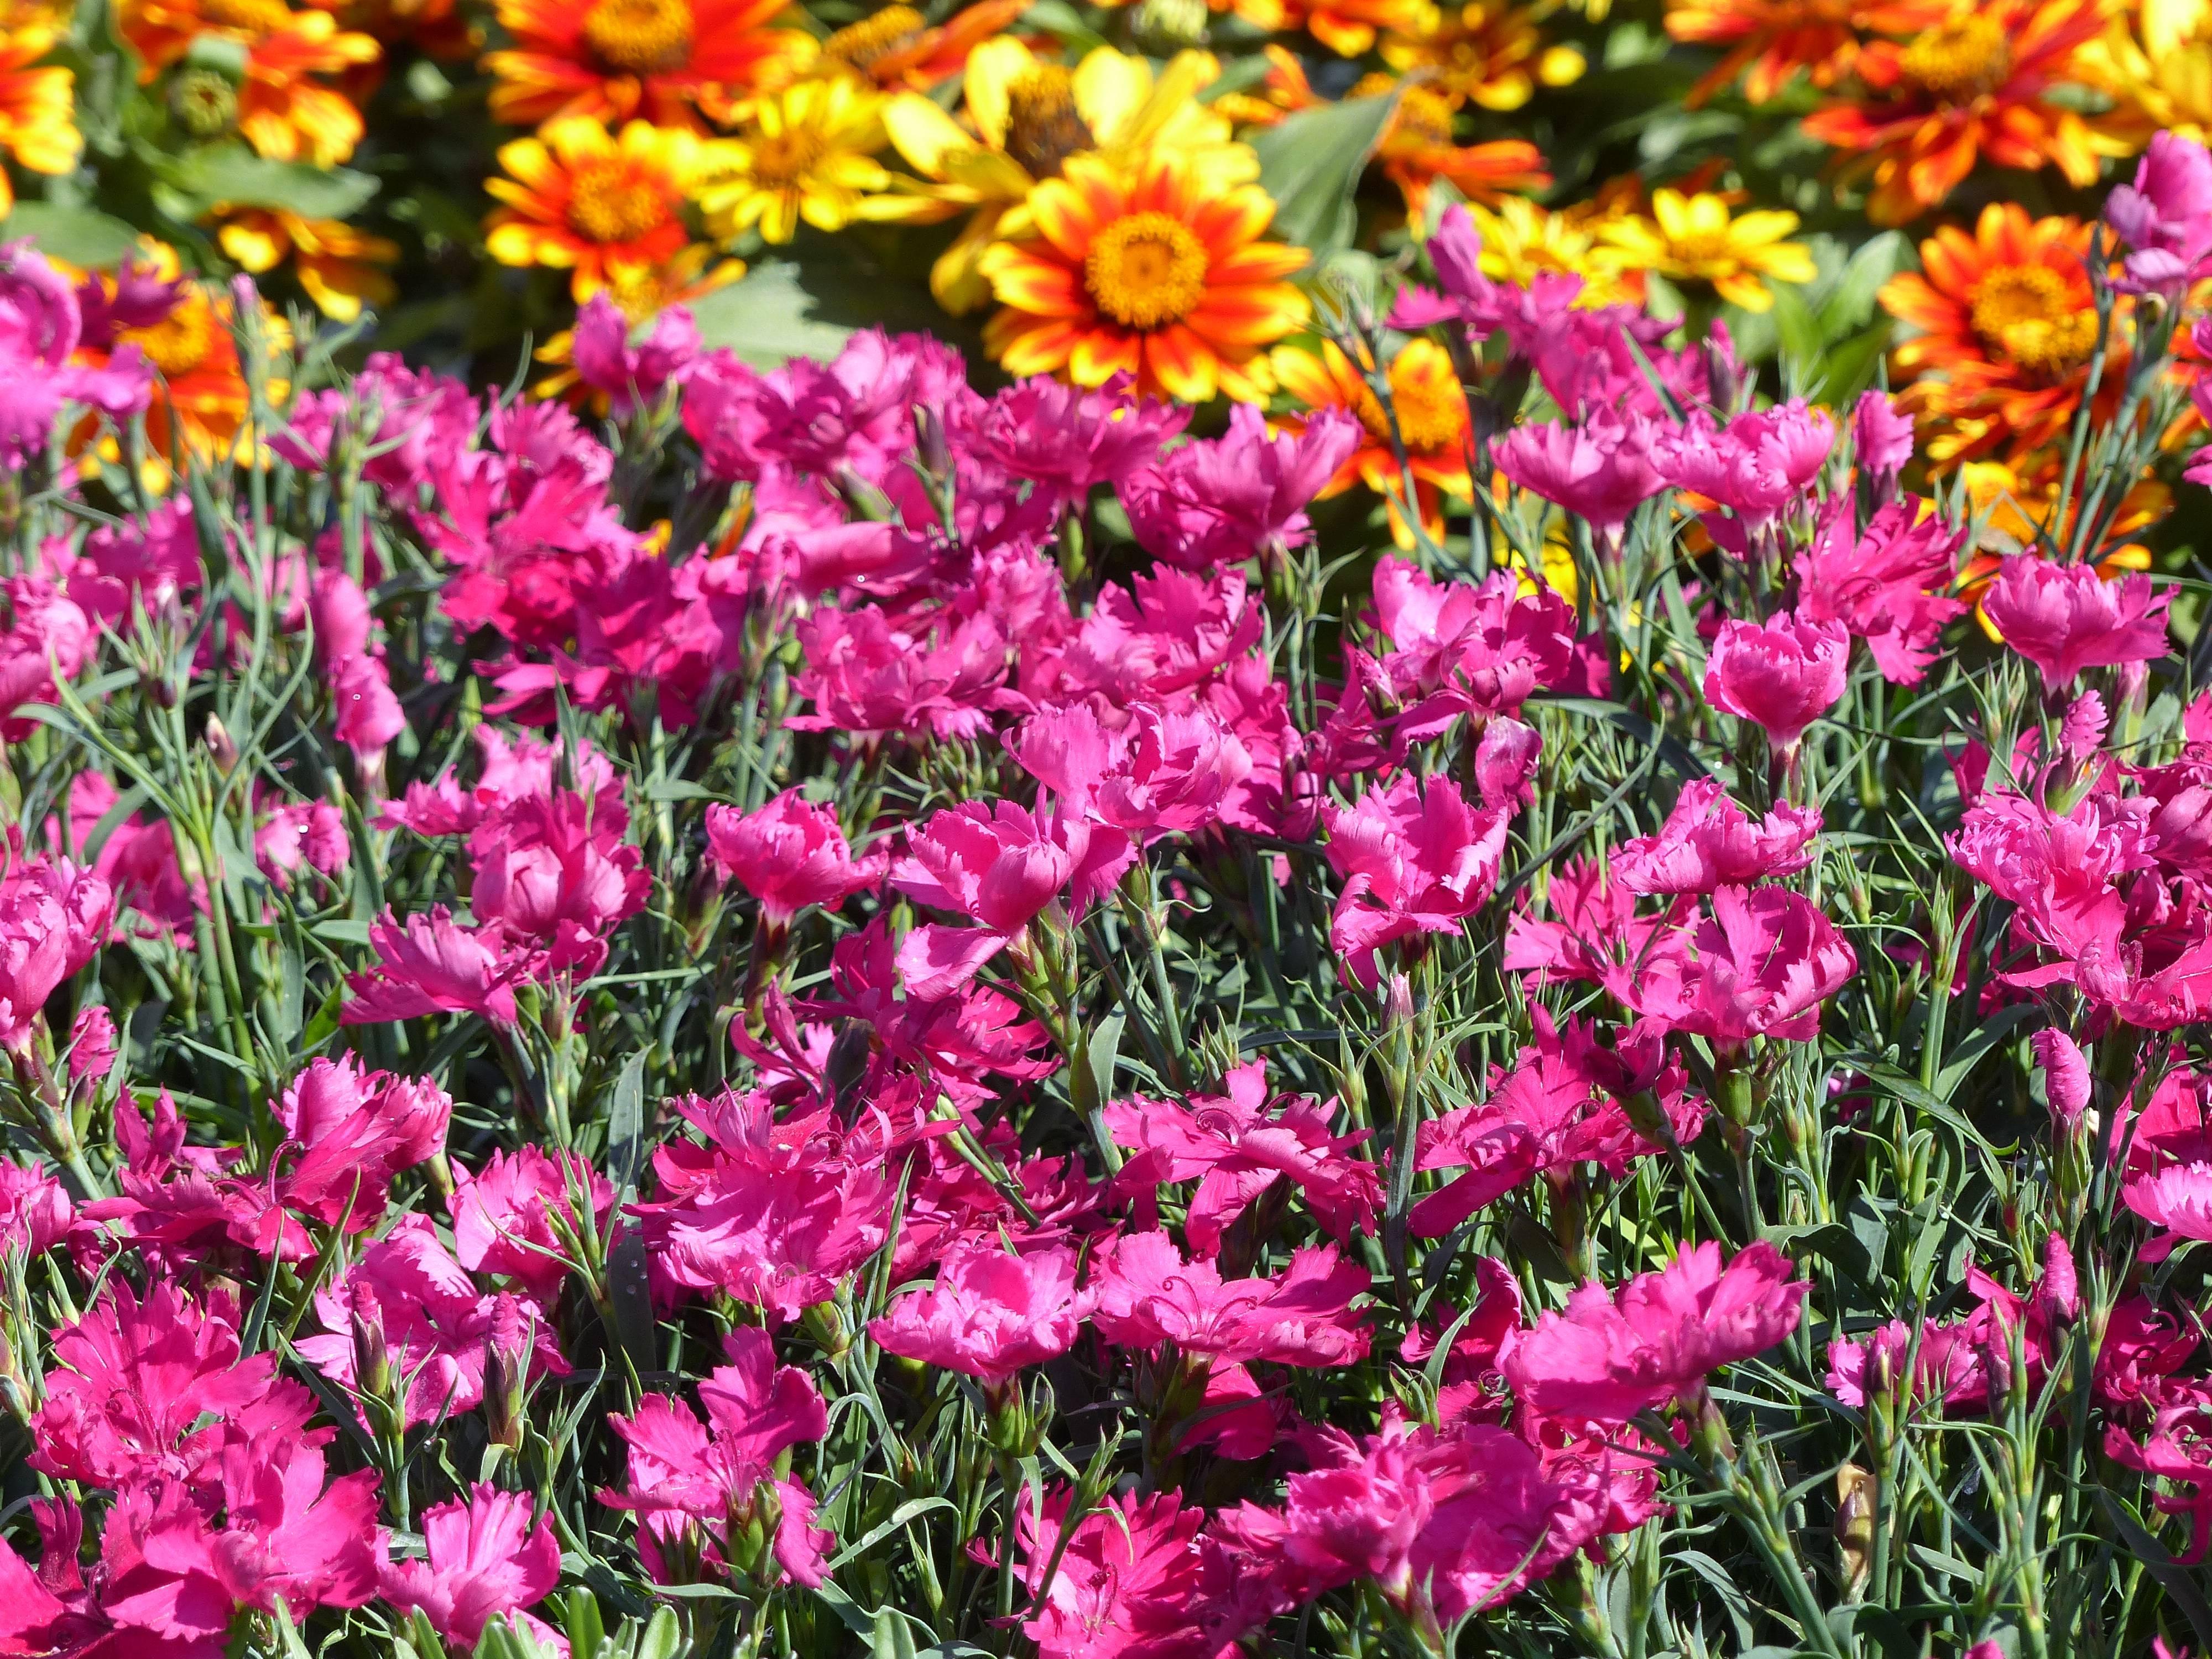 oeillet : conseils de plantation, entretien, semis / blog promesse